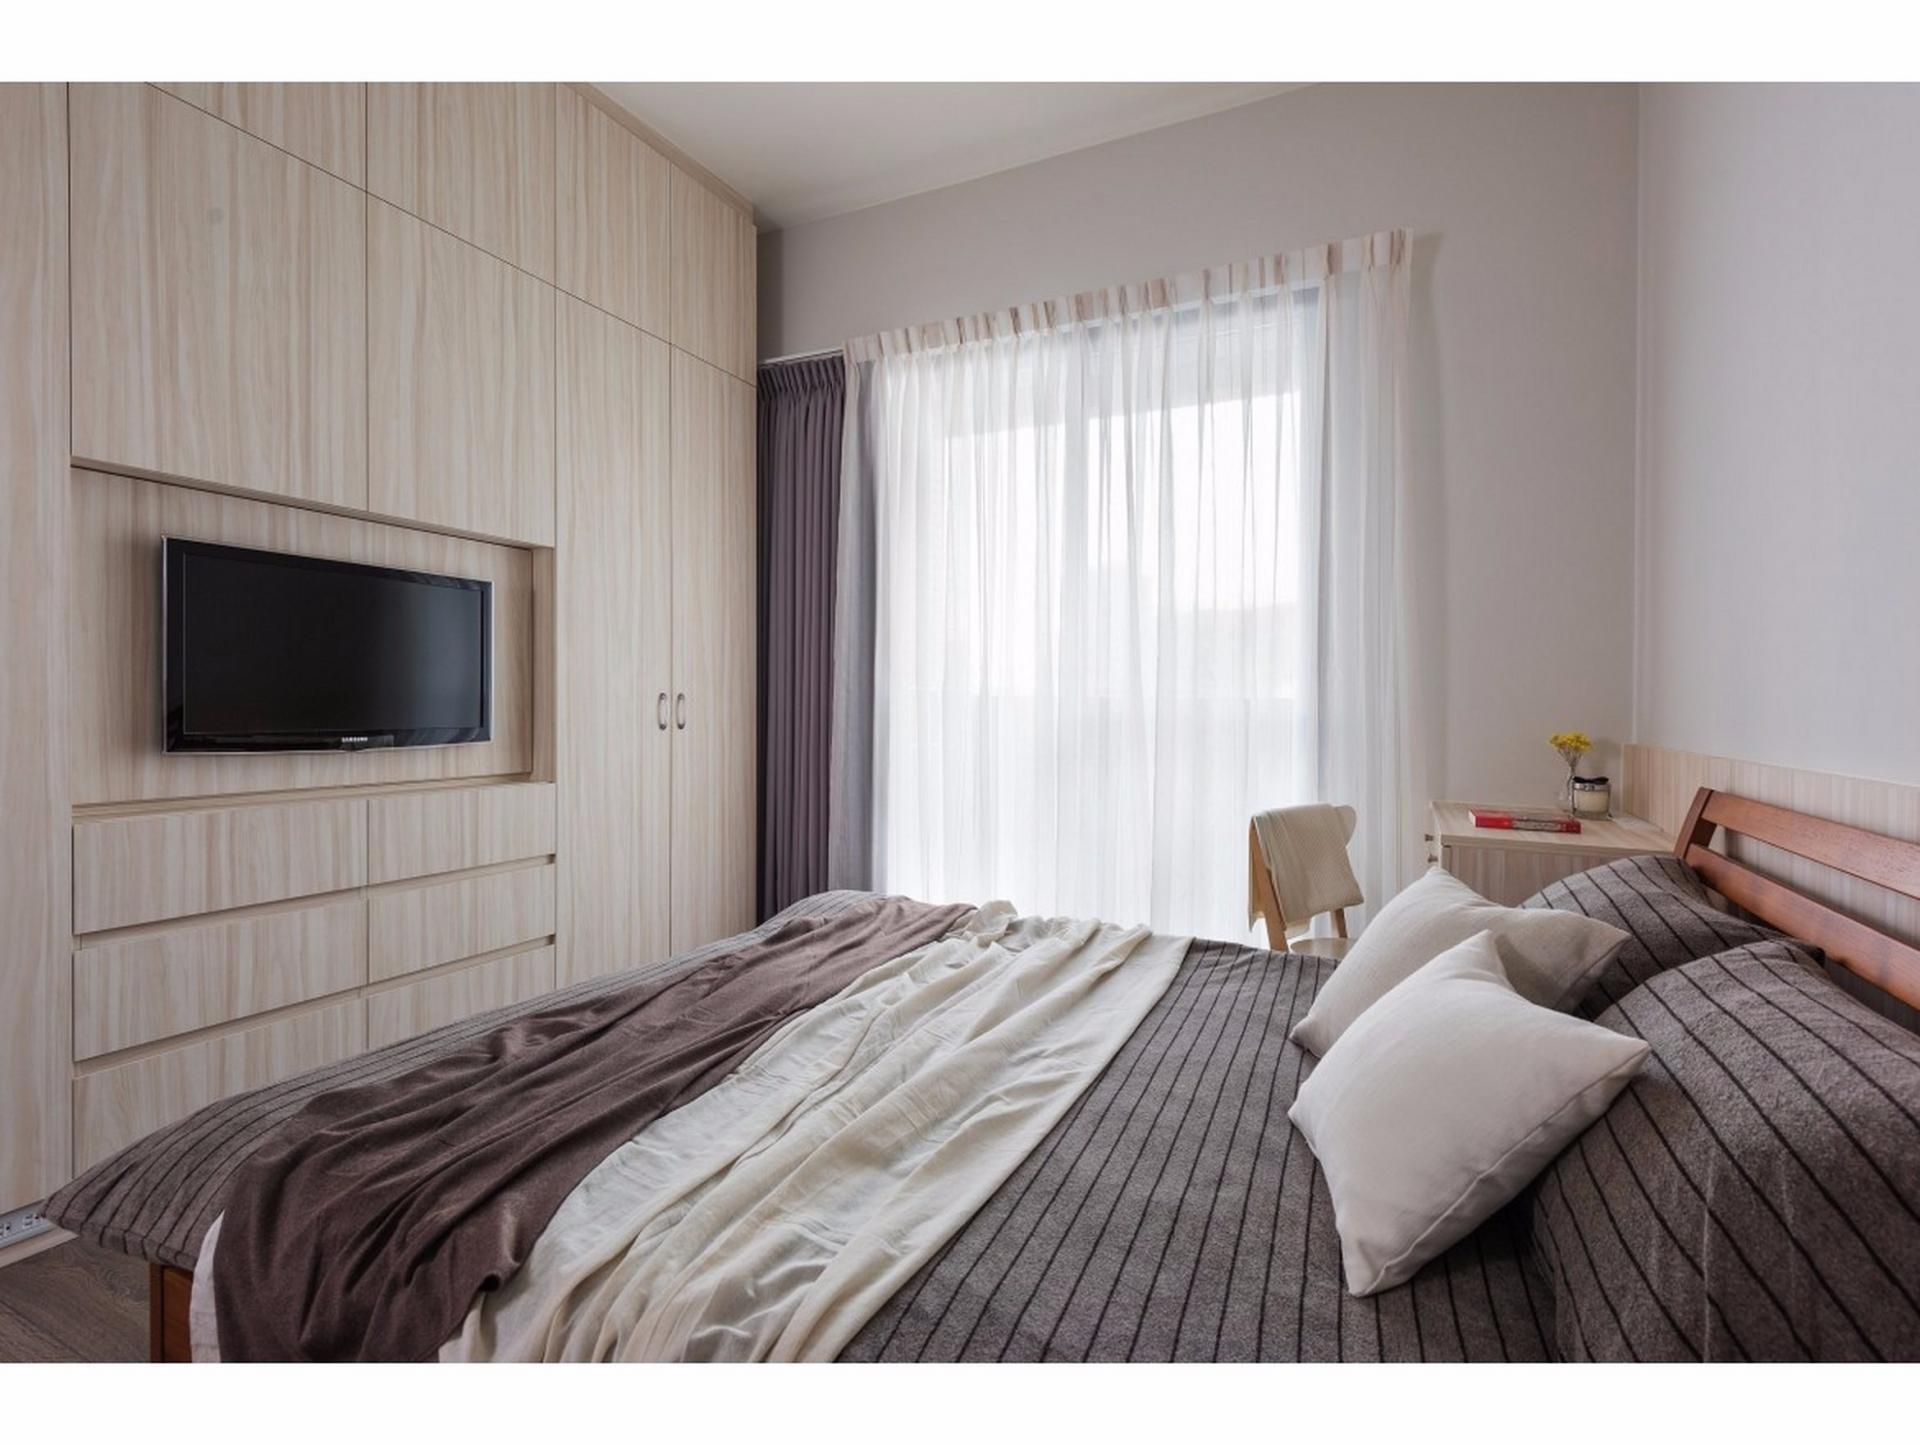 56平米单身小公寓图_8